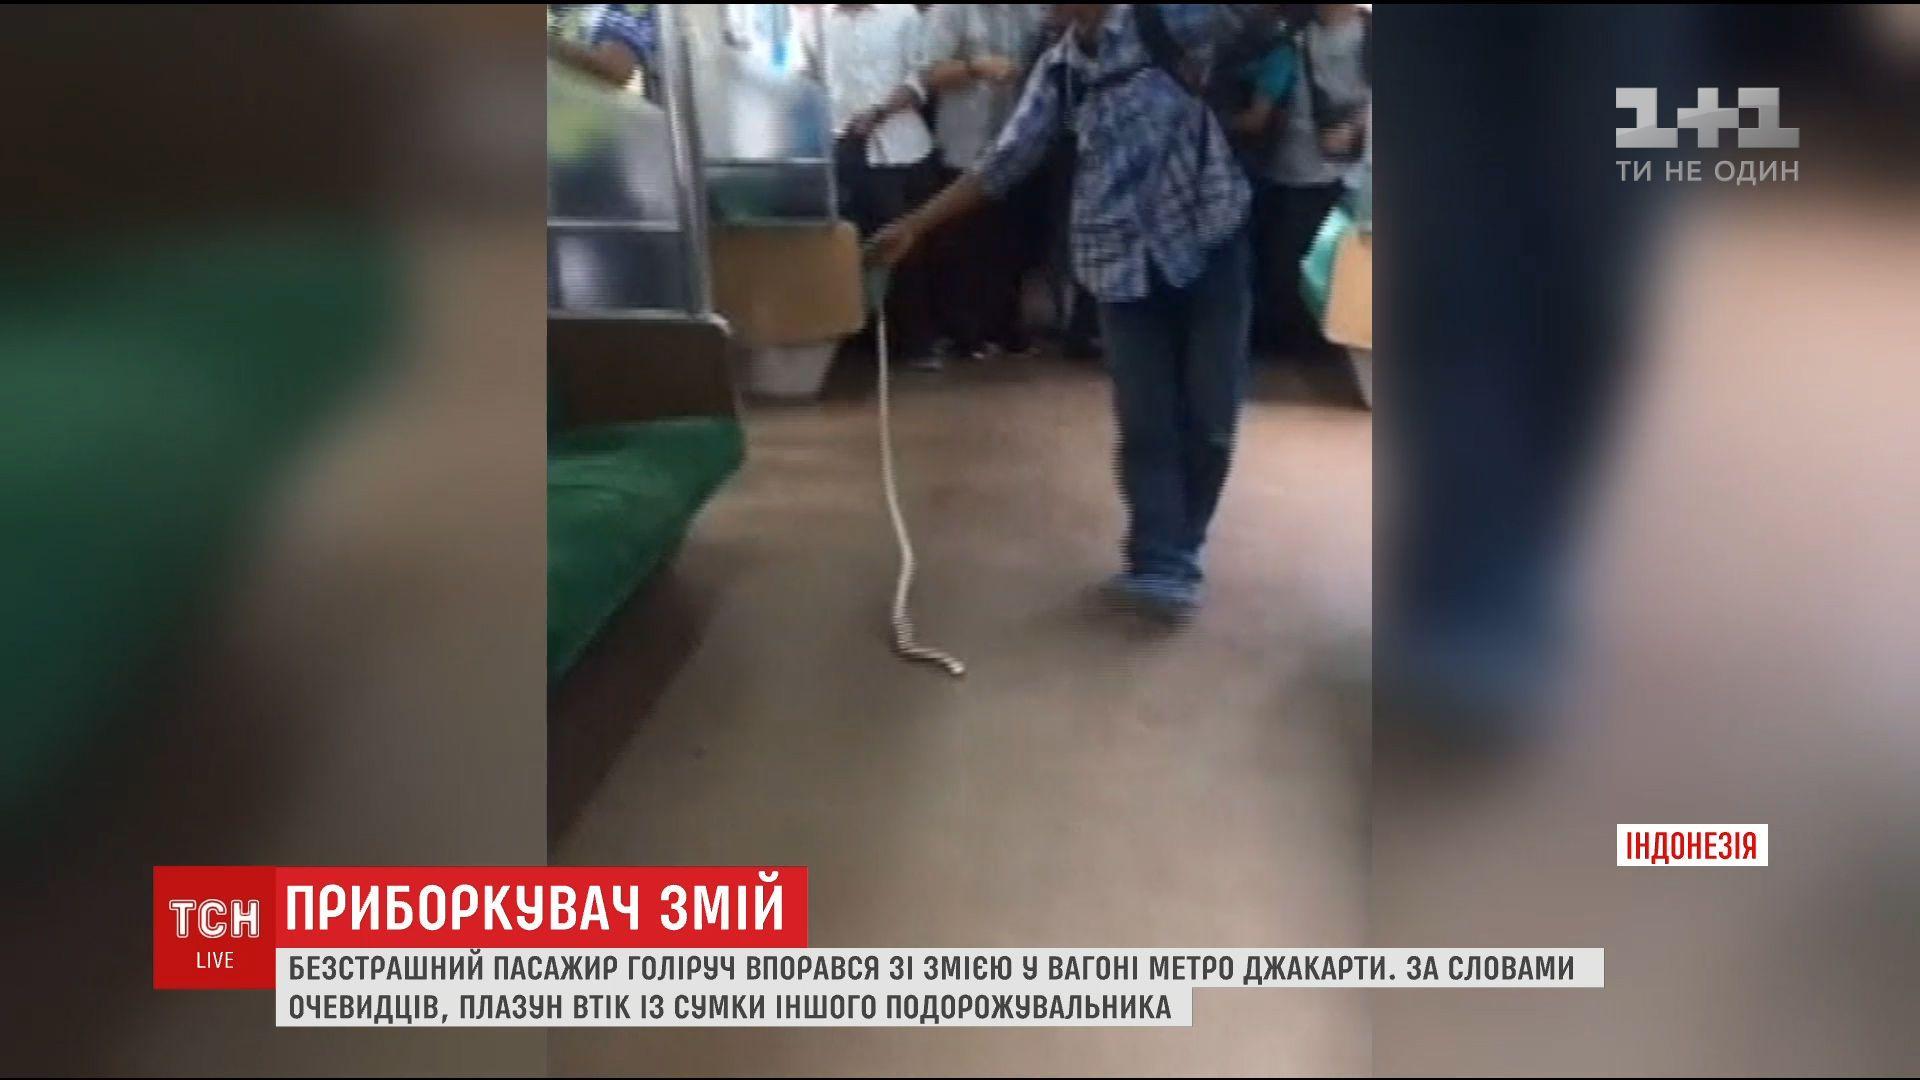 змія в метро Джакарти_1